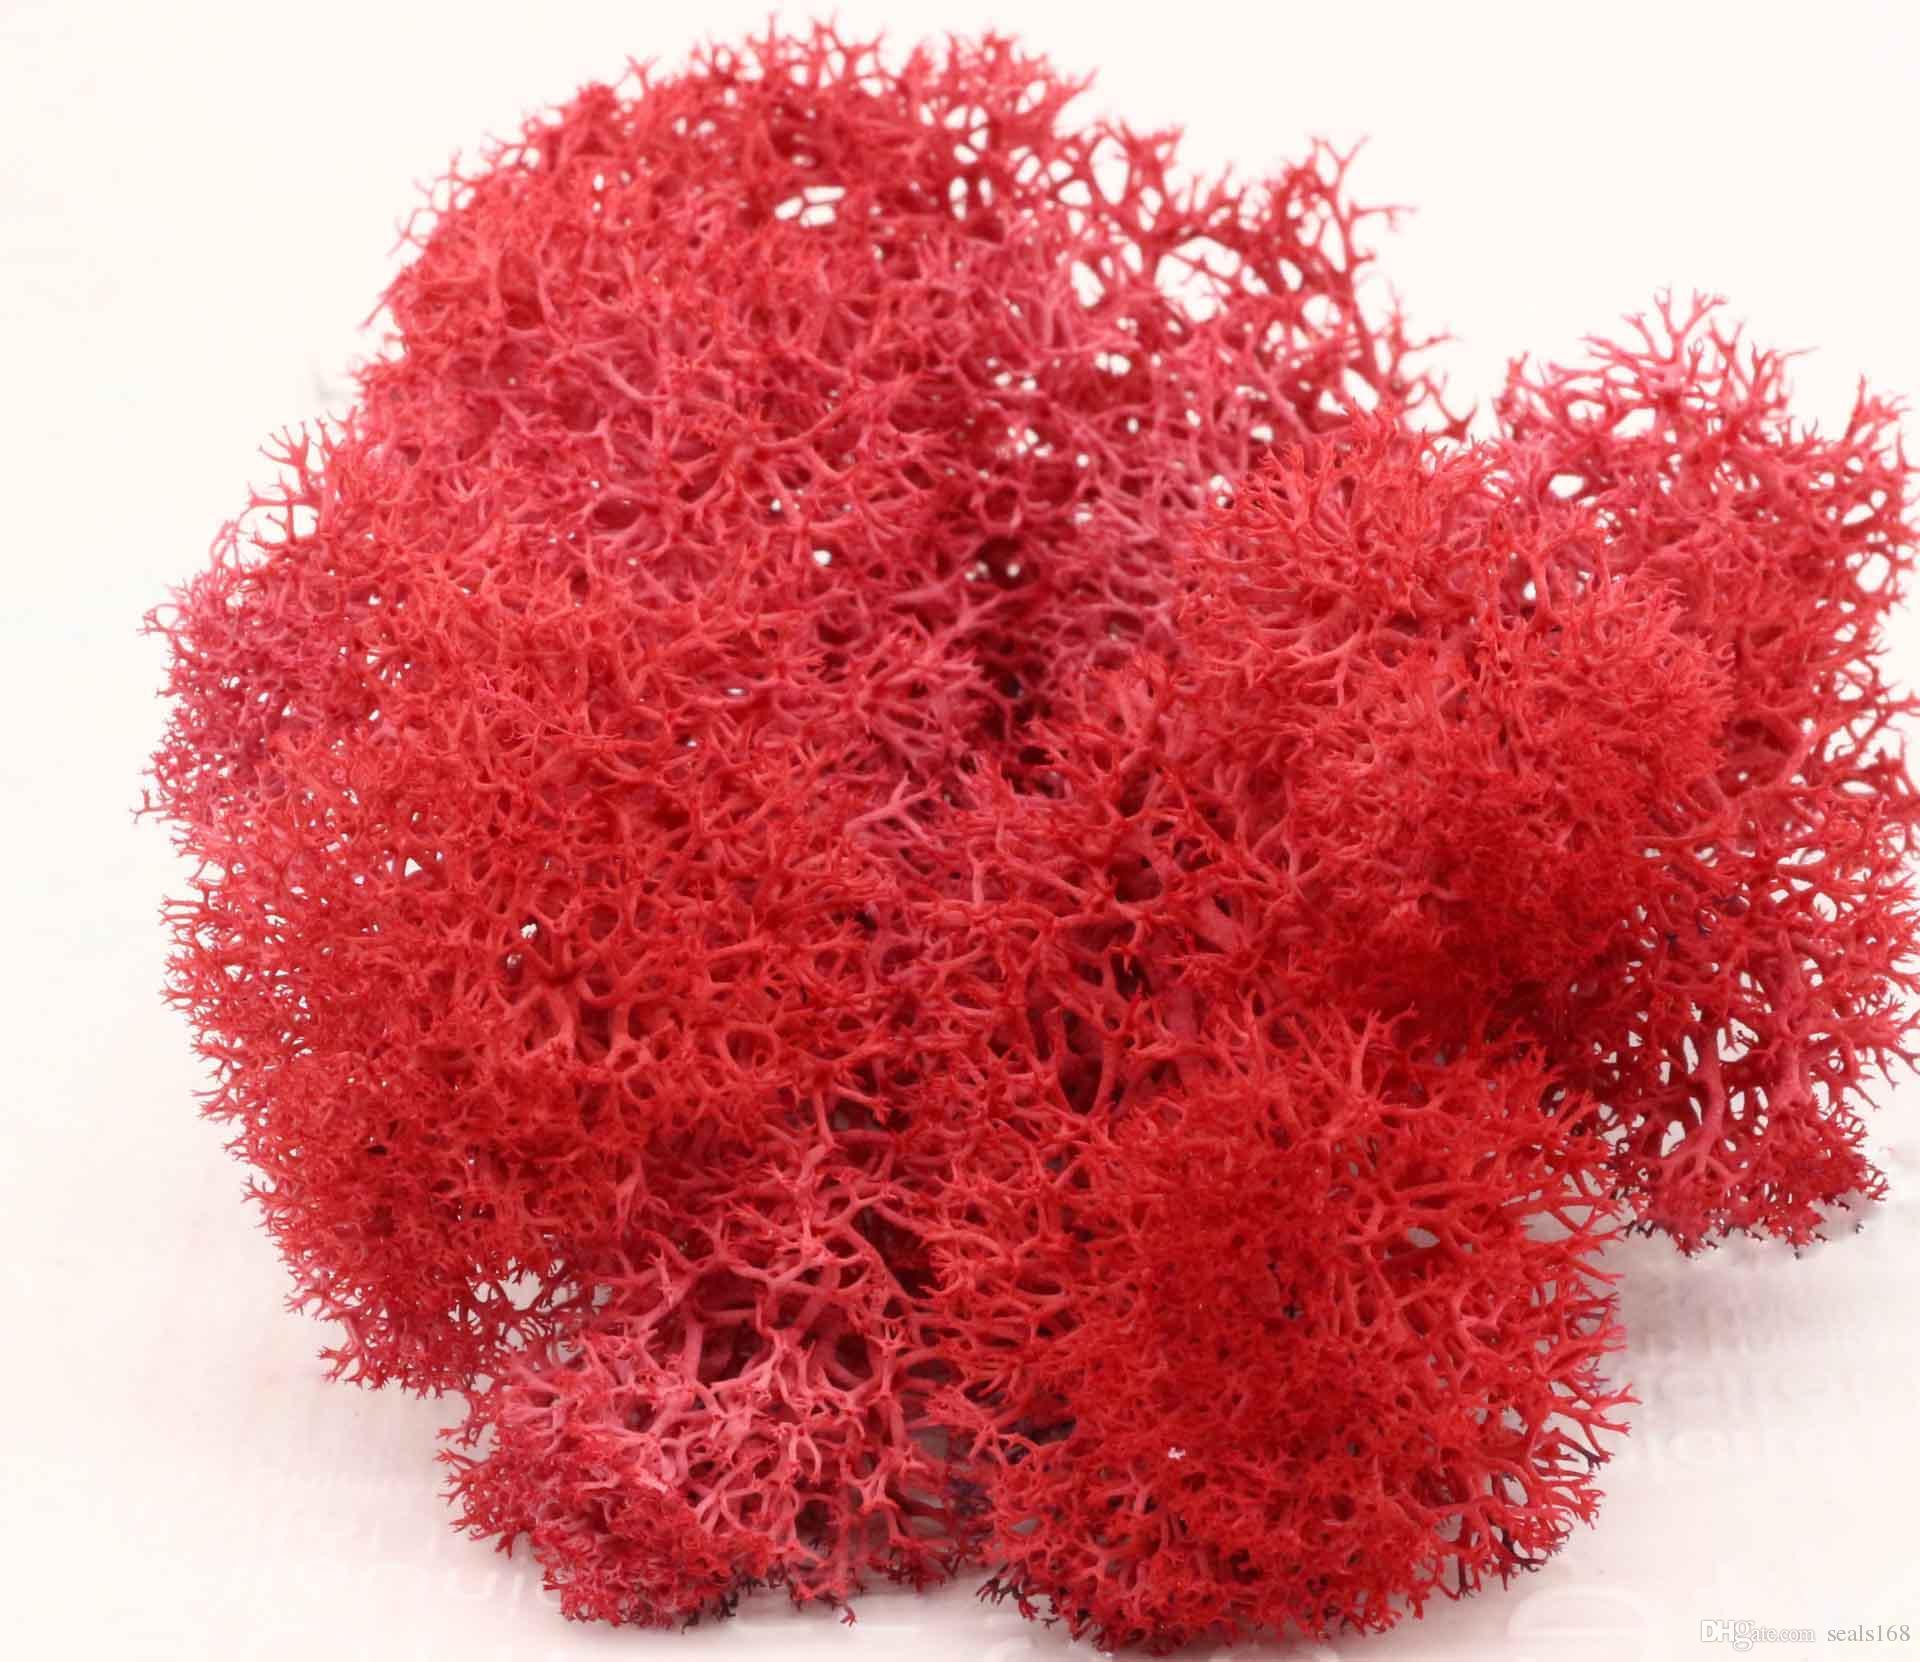 500g DIY Renkli Moss Çiçekler Asla Withers Çiçek Malzemeleri Ev Düğün Dekor Için HH7-911 Mikroskobik bonsai